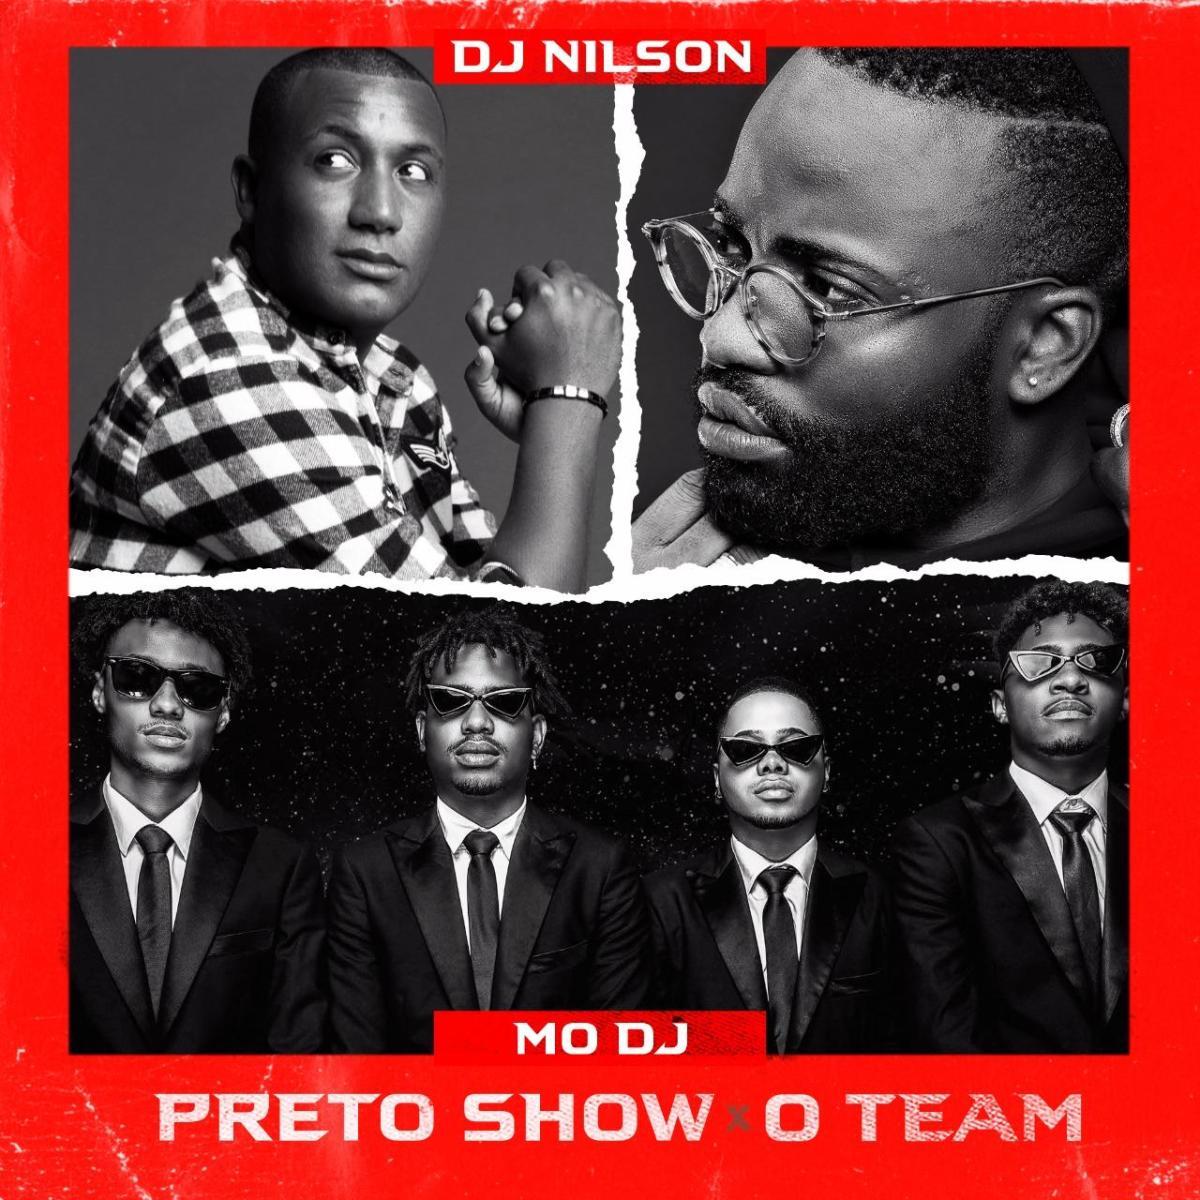 Dj Nilson Ft. Preto Show & O Team - Mo Dj (Prod. Dj Habias) 2019